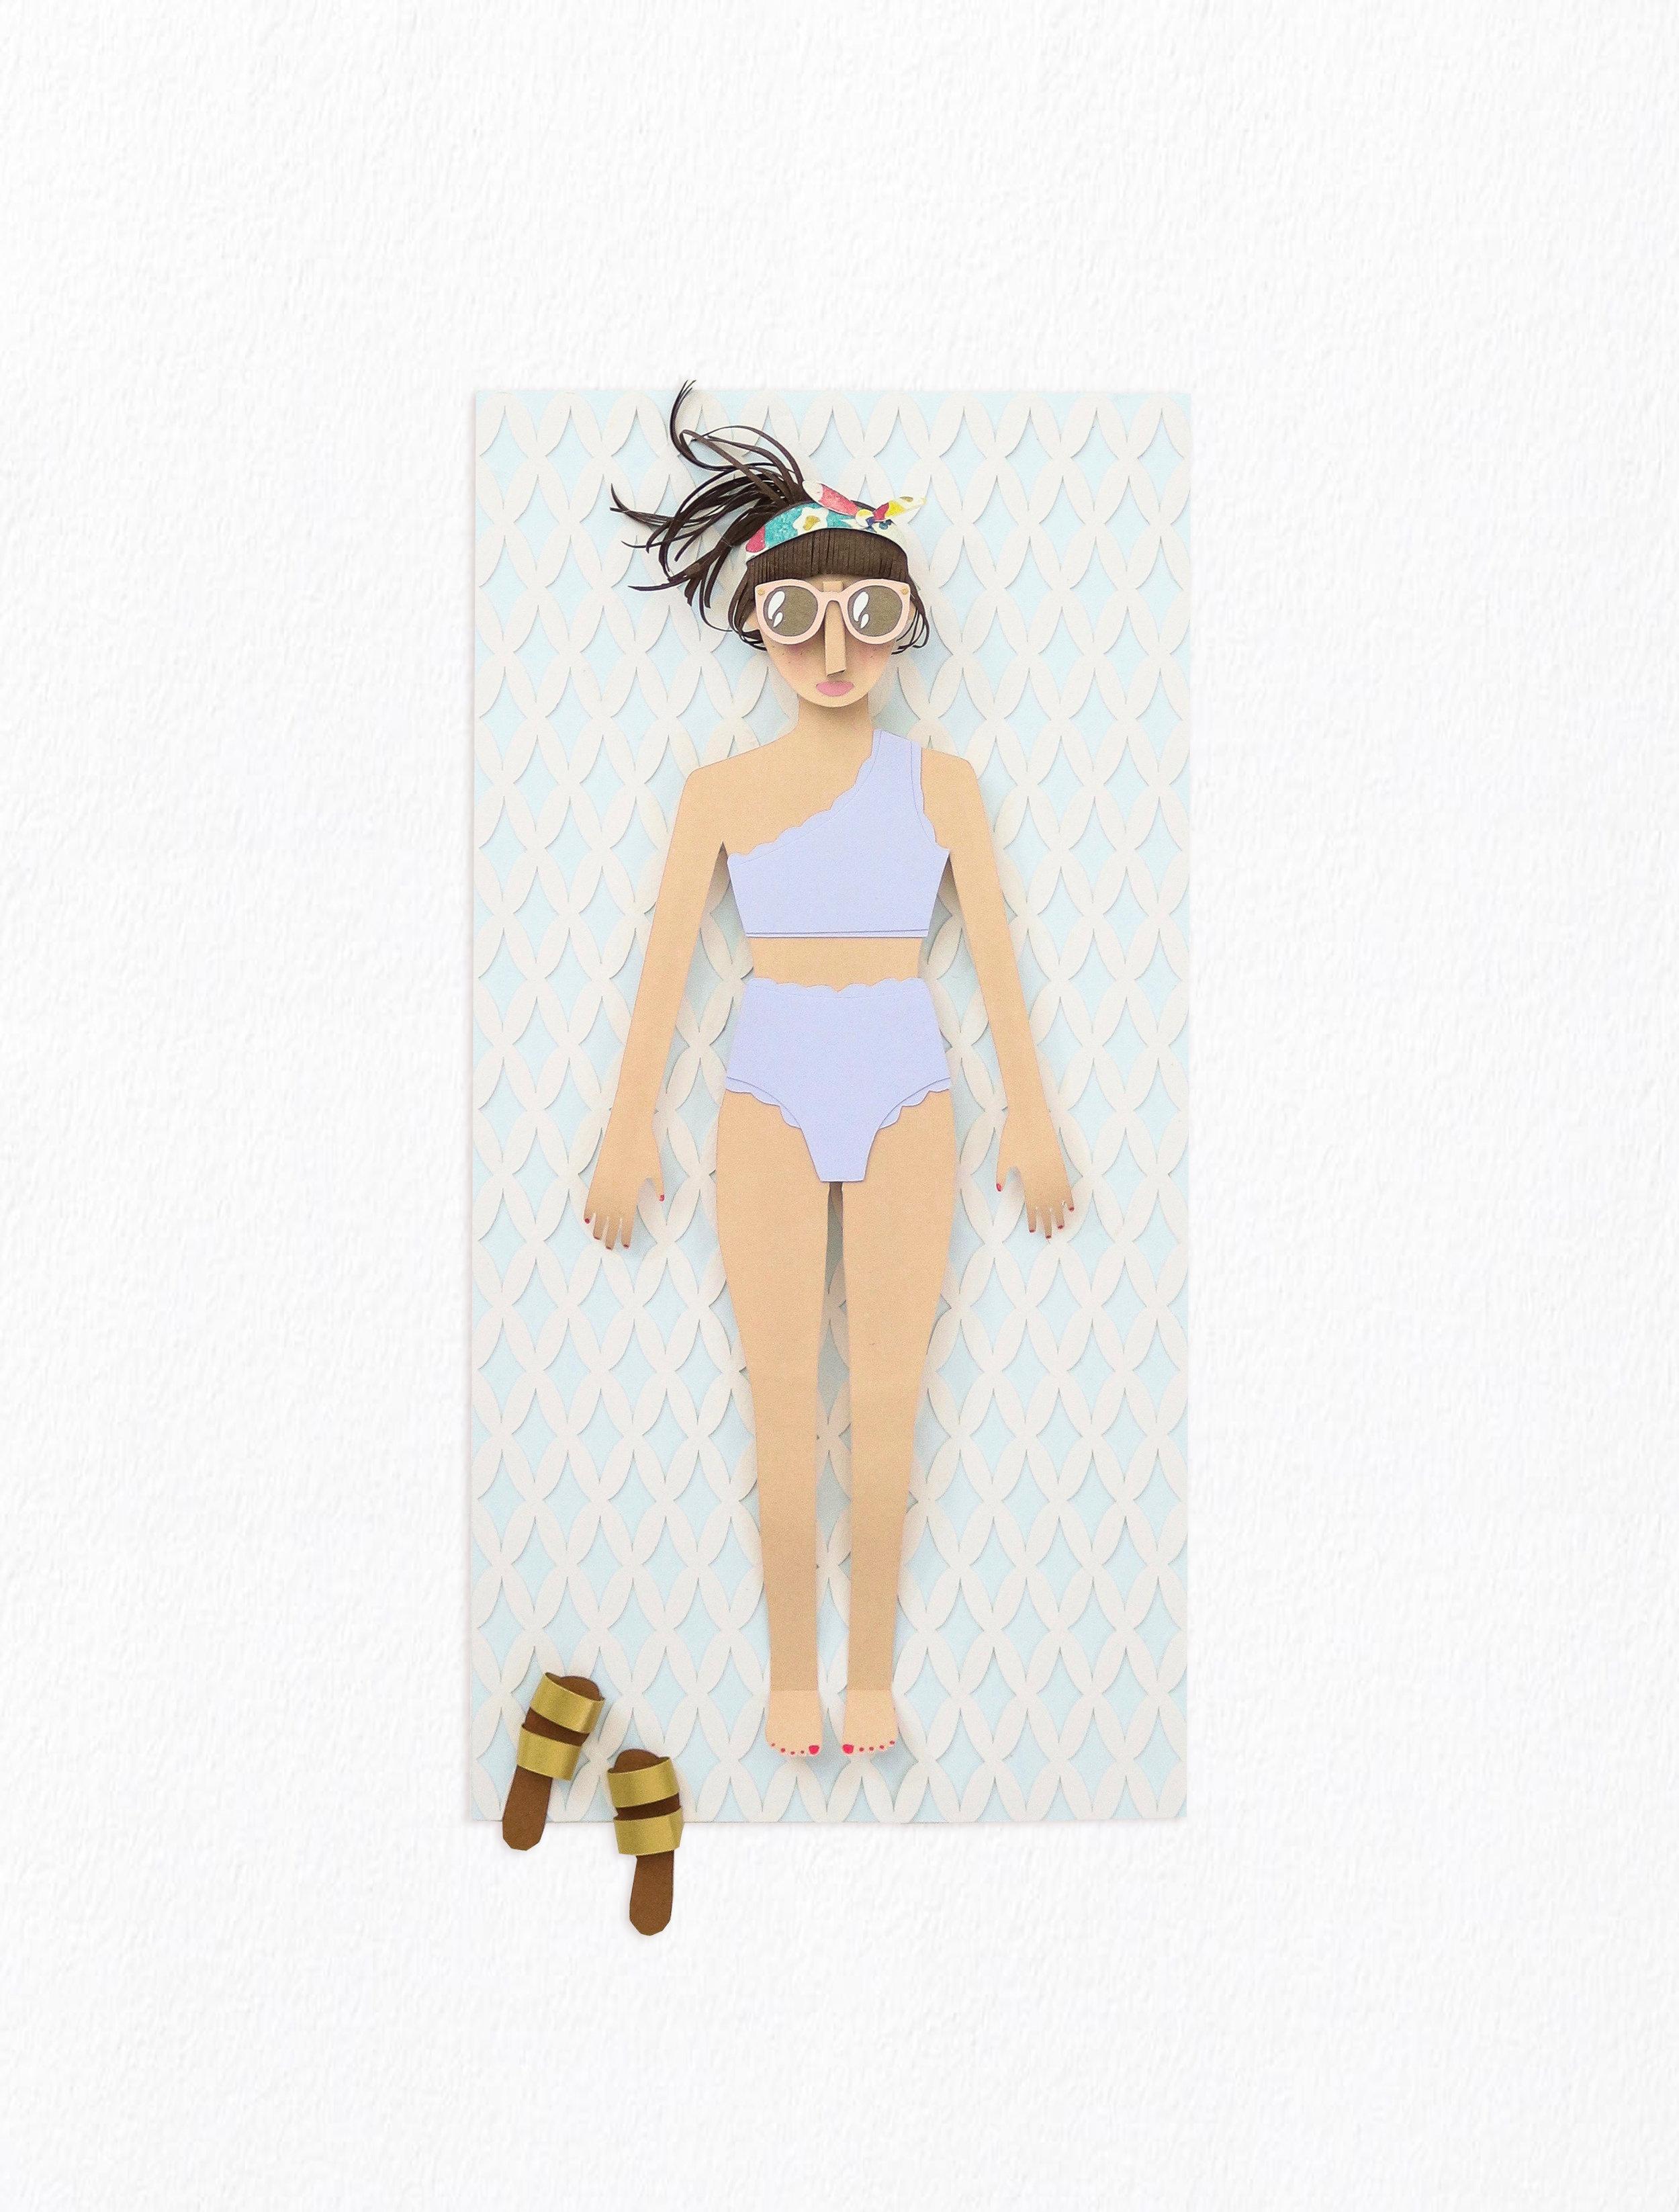 BrittaniRosePaperBeachGirlIllustration3.jpg